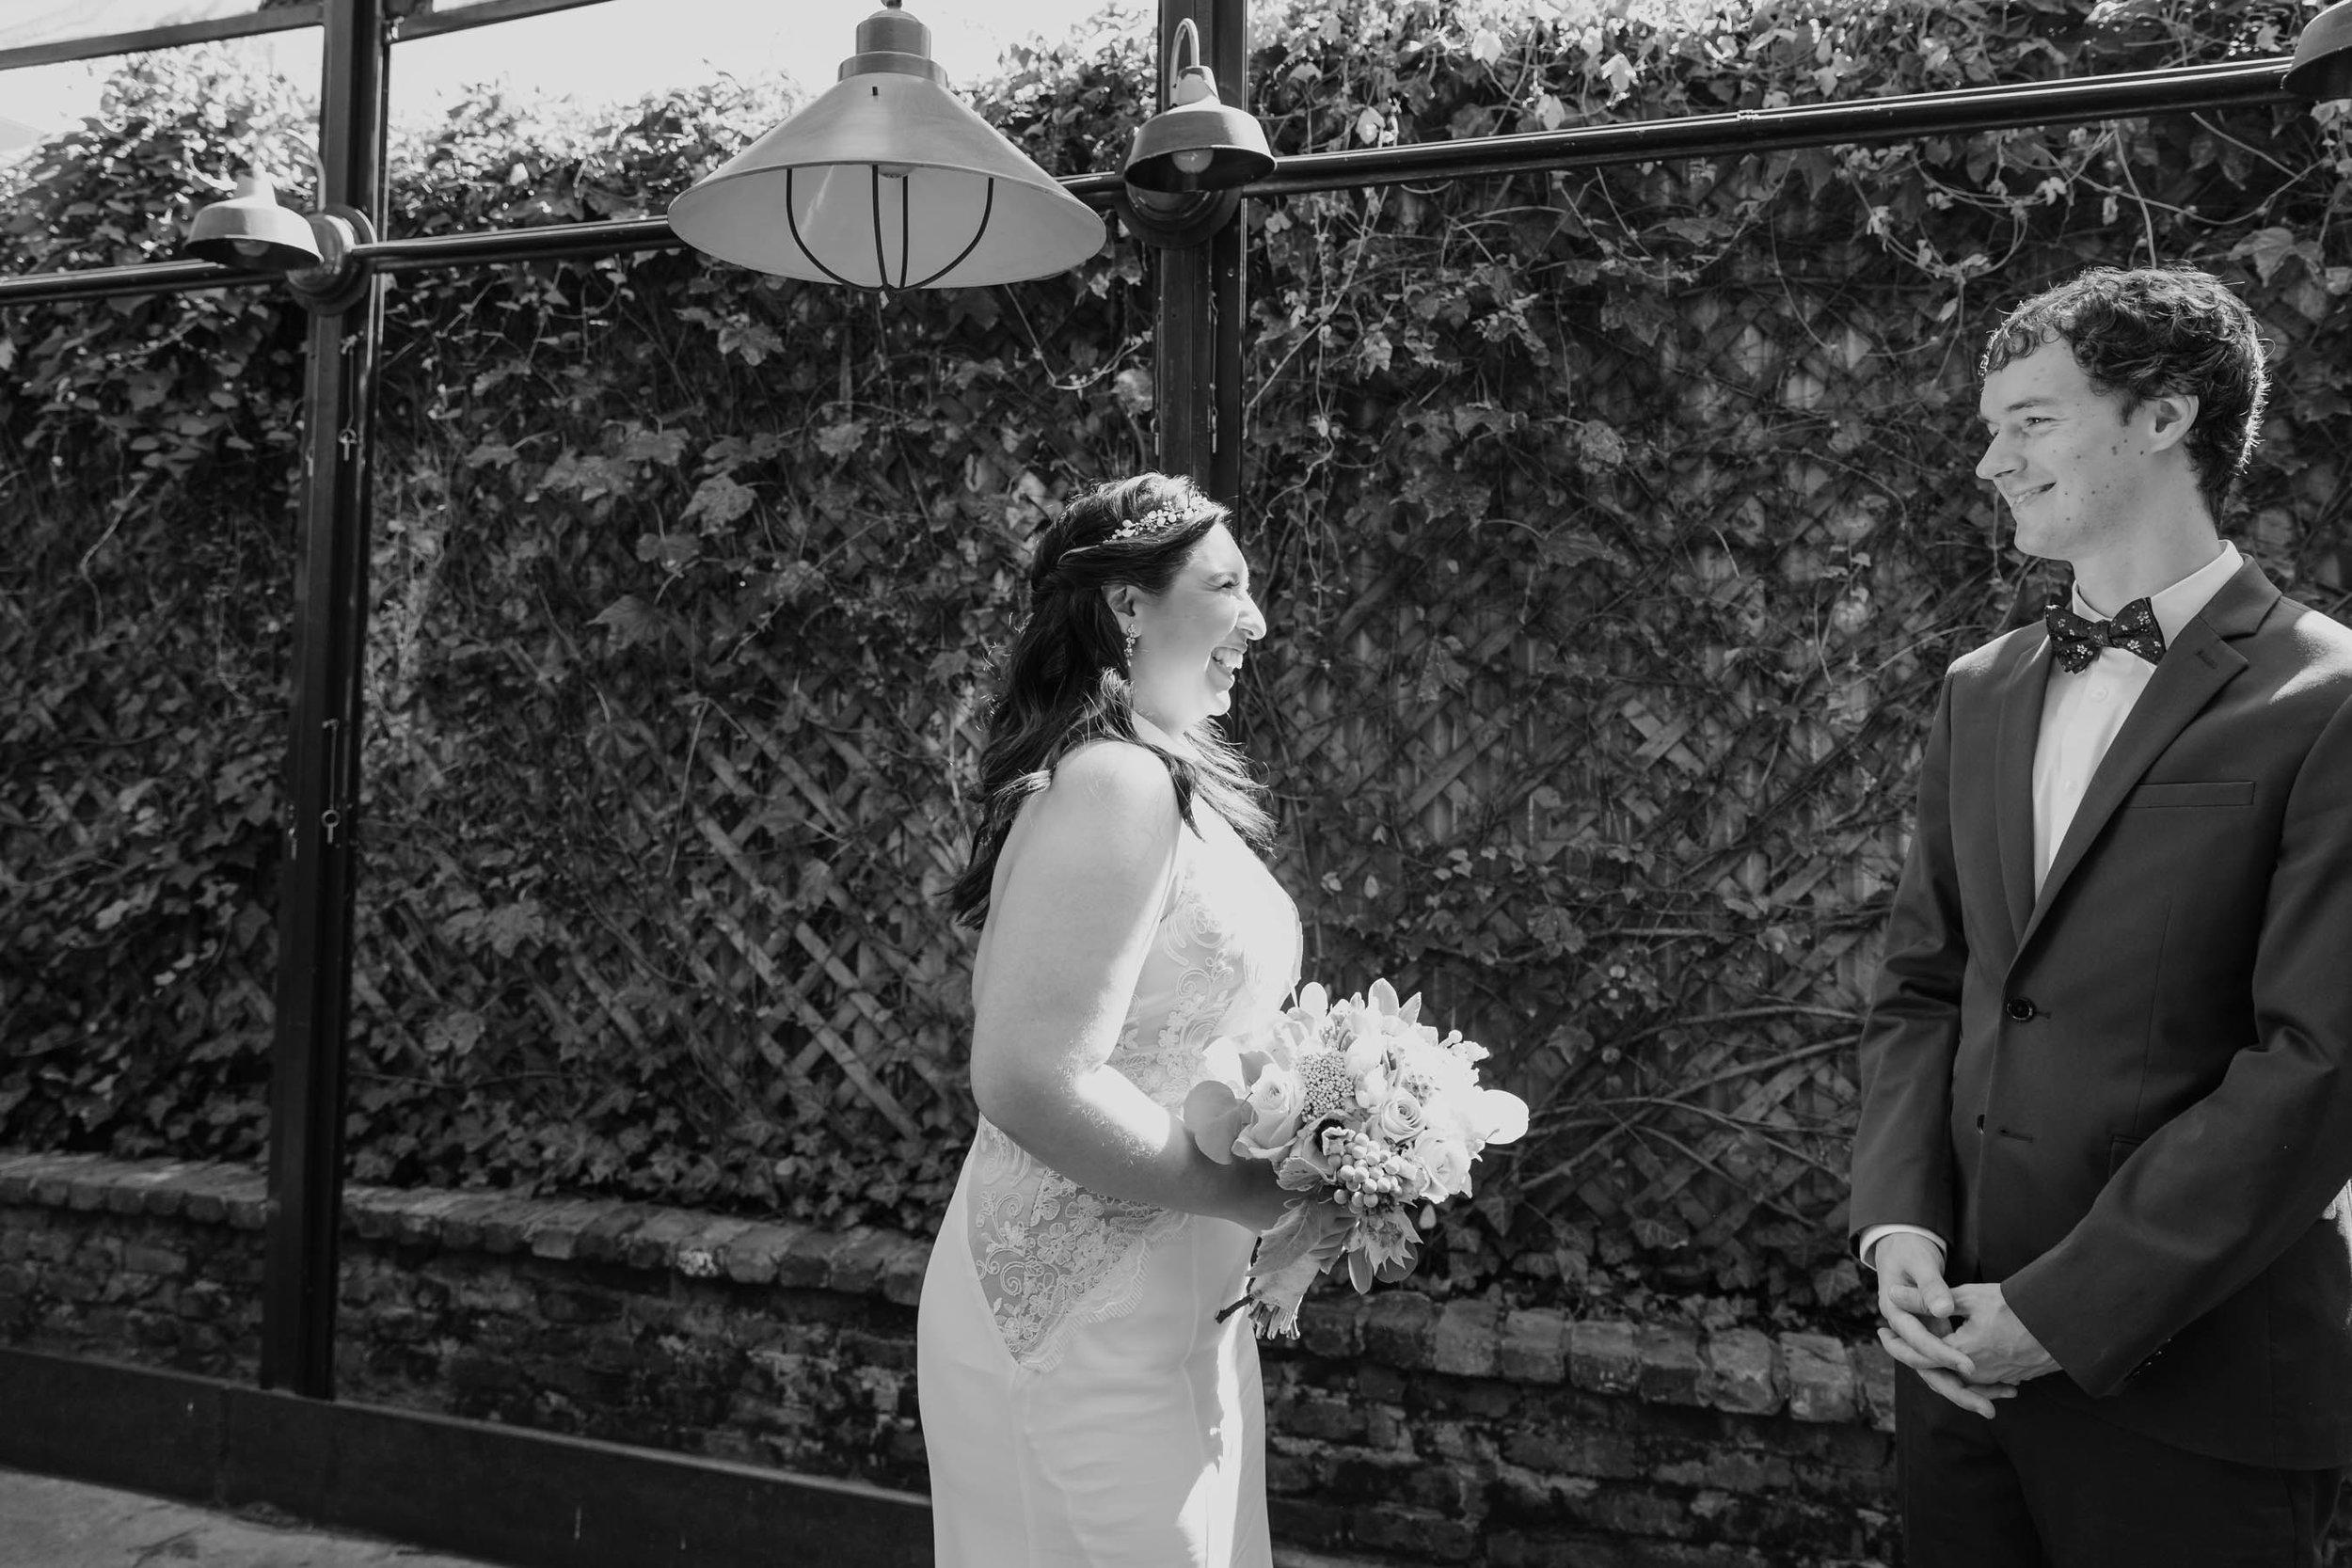 aurora-restaurant-wedding-photographer-elizabeth-tsung-photo-26.jpg